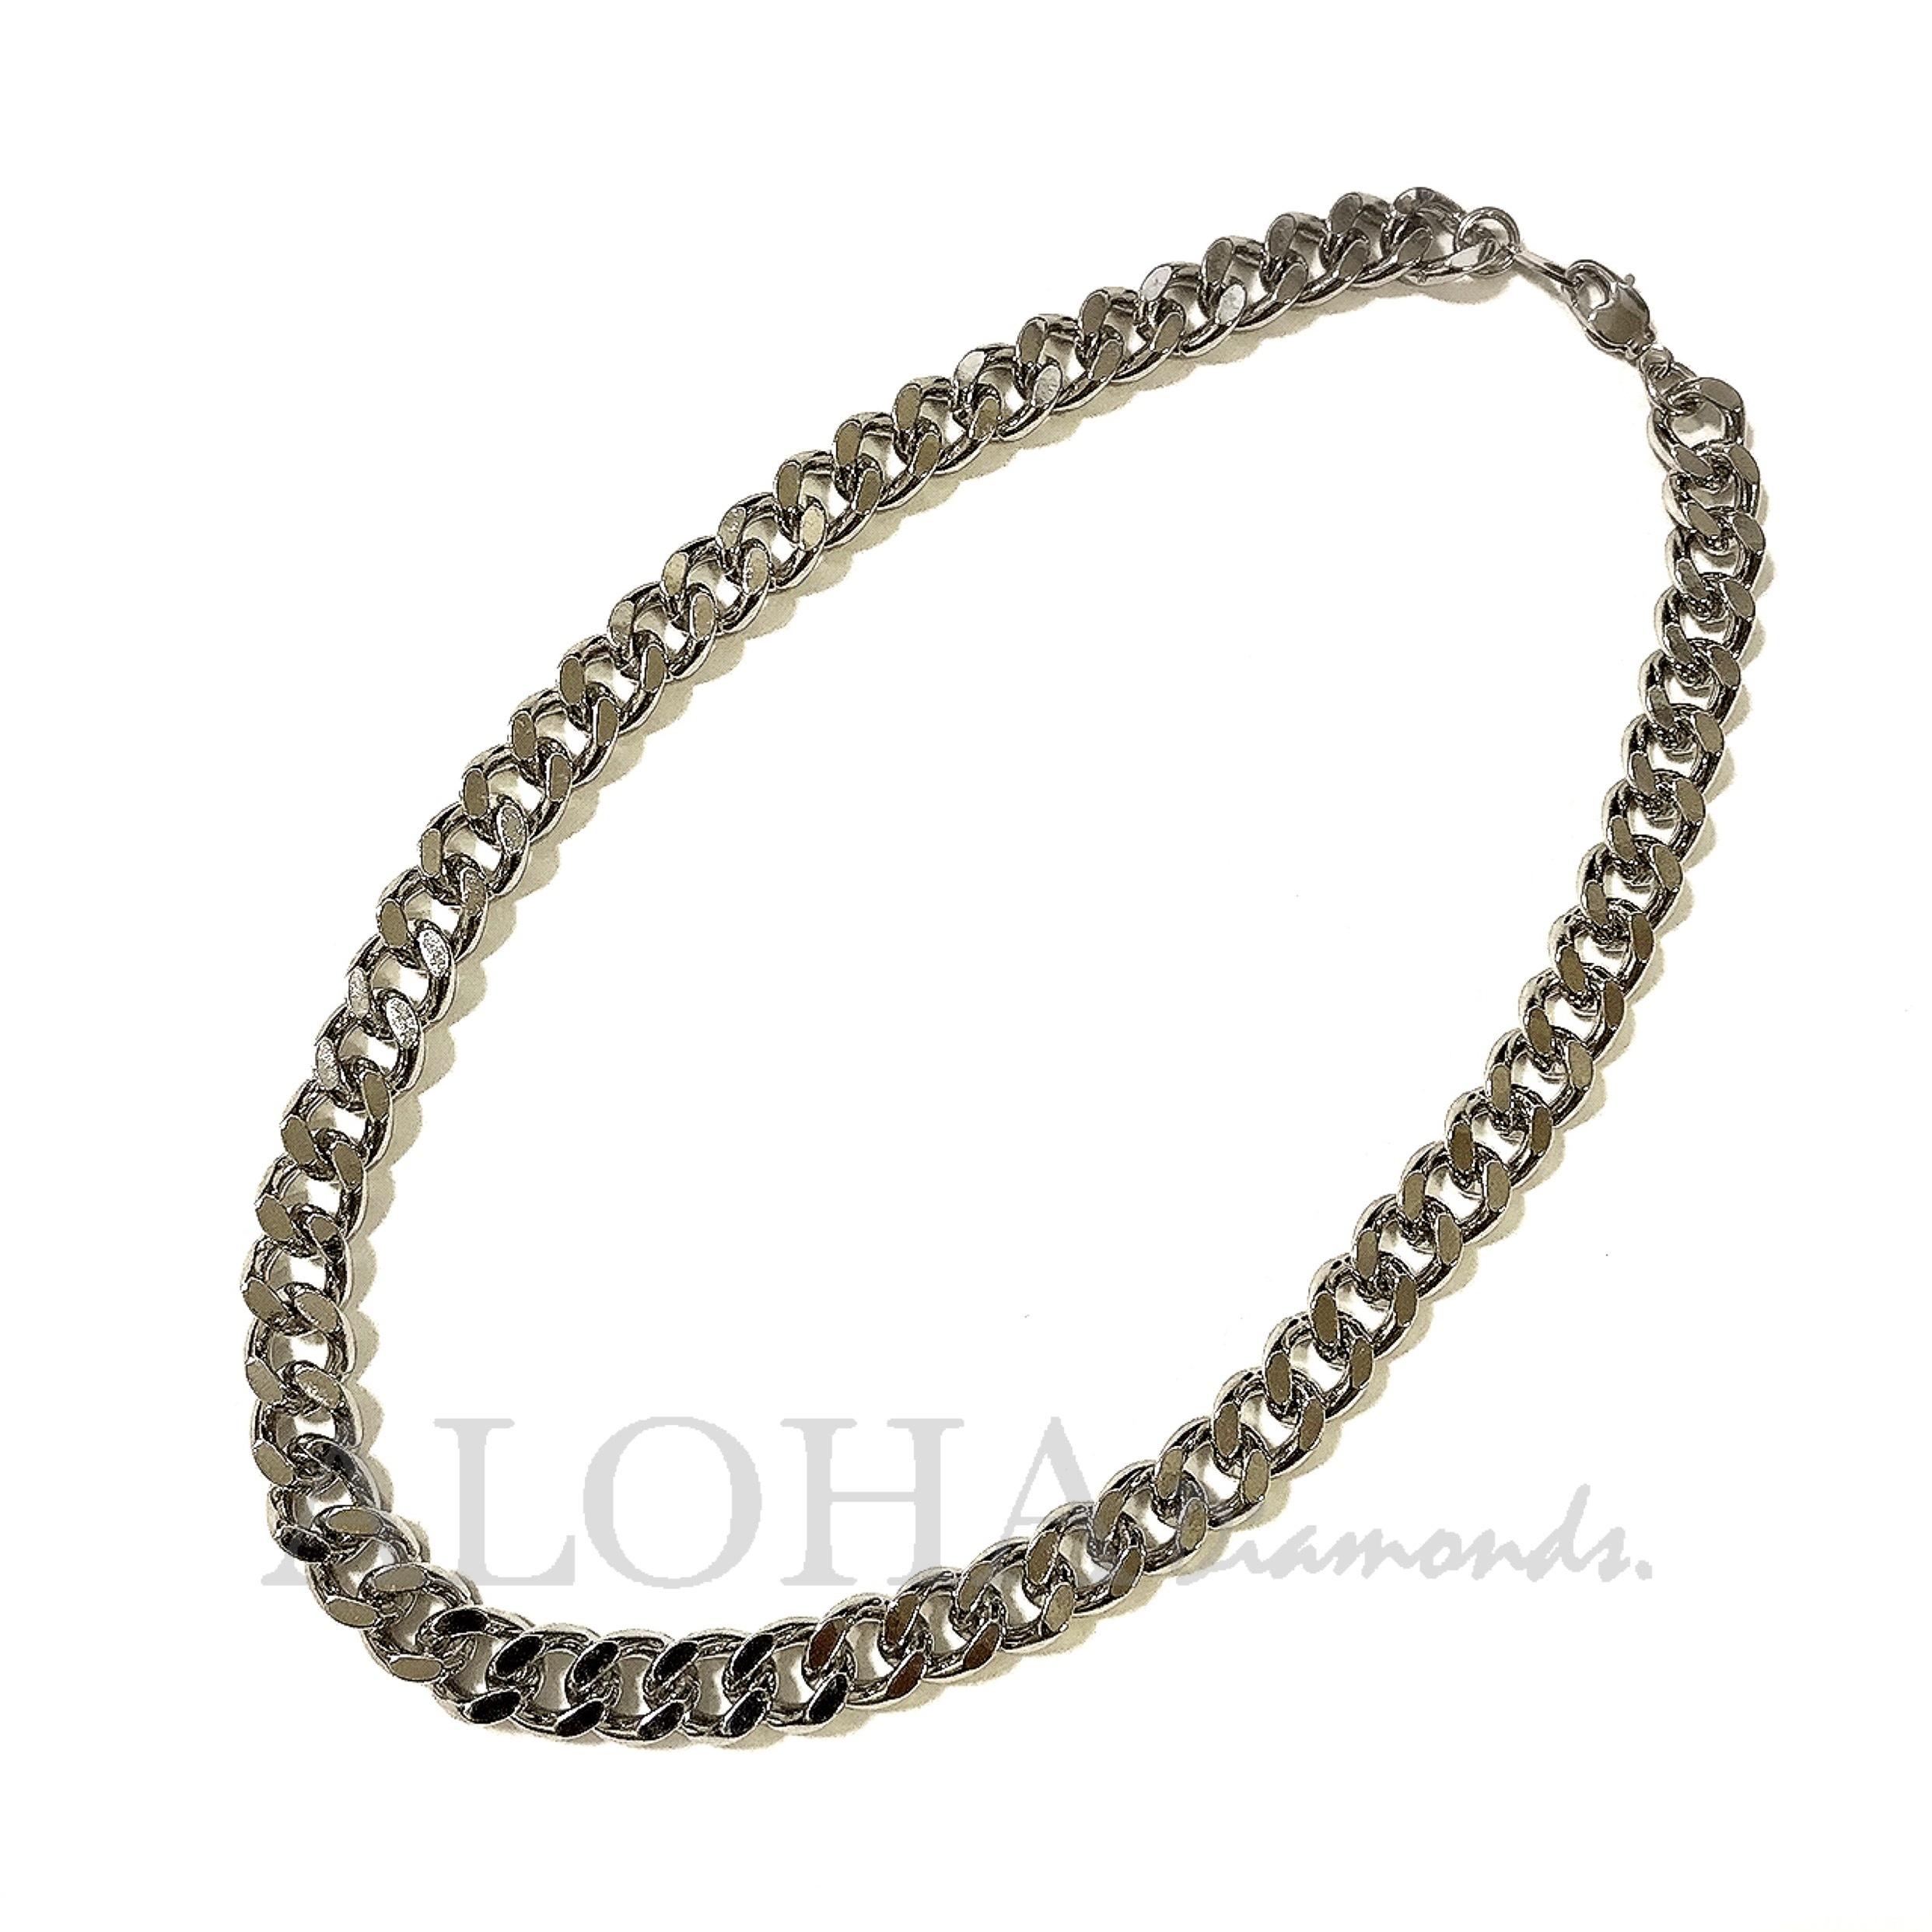 ✴︎✴︎✴︎The chain - No.1✴︎✴︎✴︎シルバー/ネックレス 42cm(ネックレス単品)